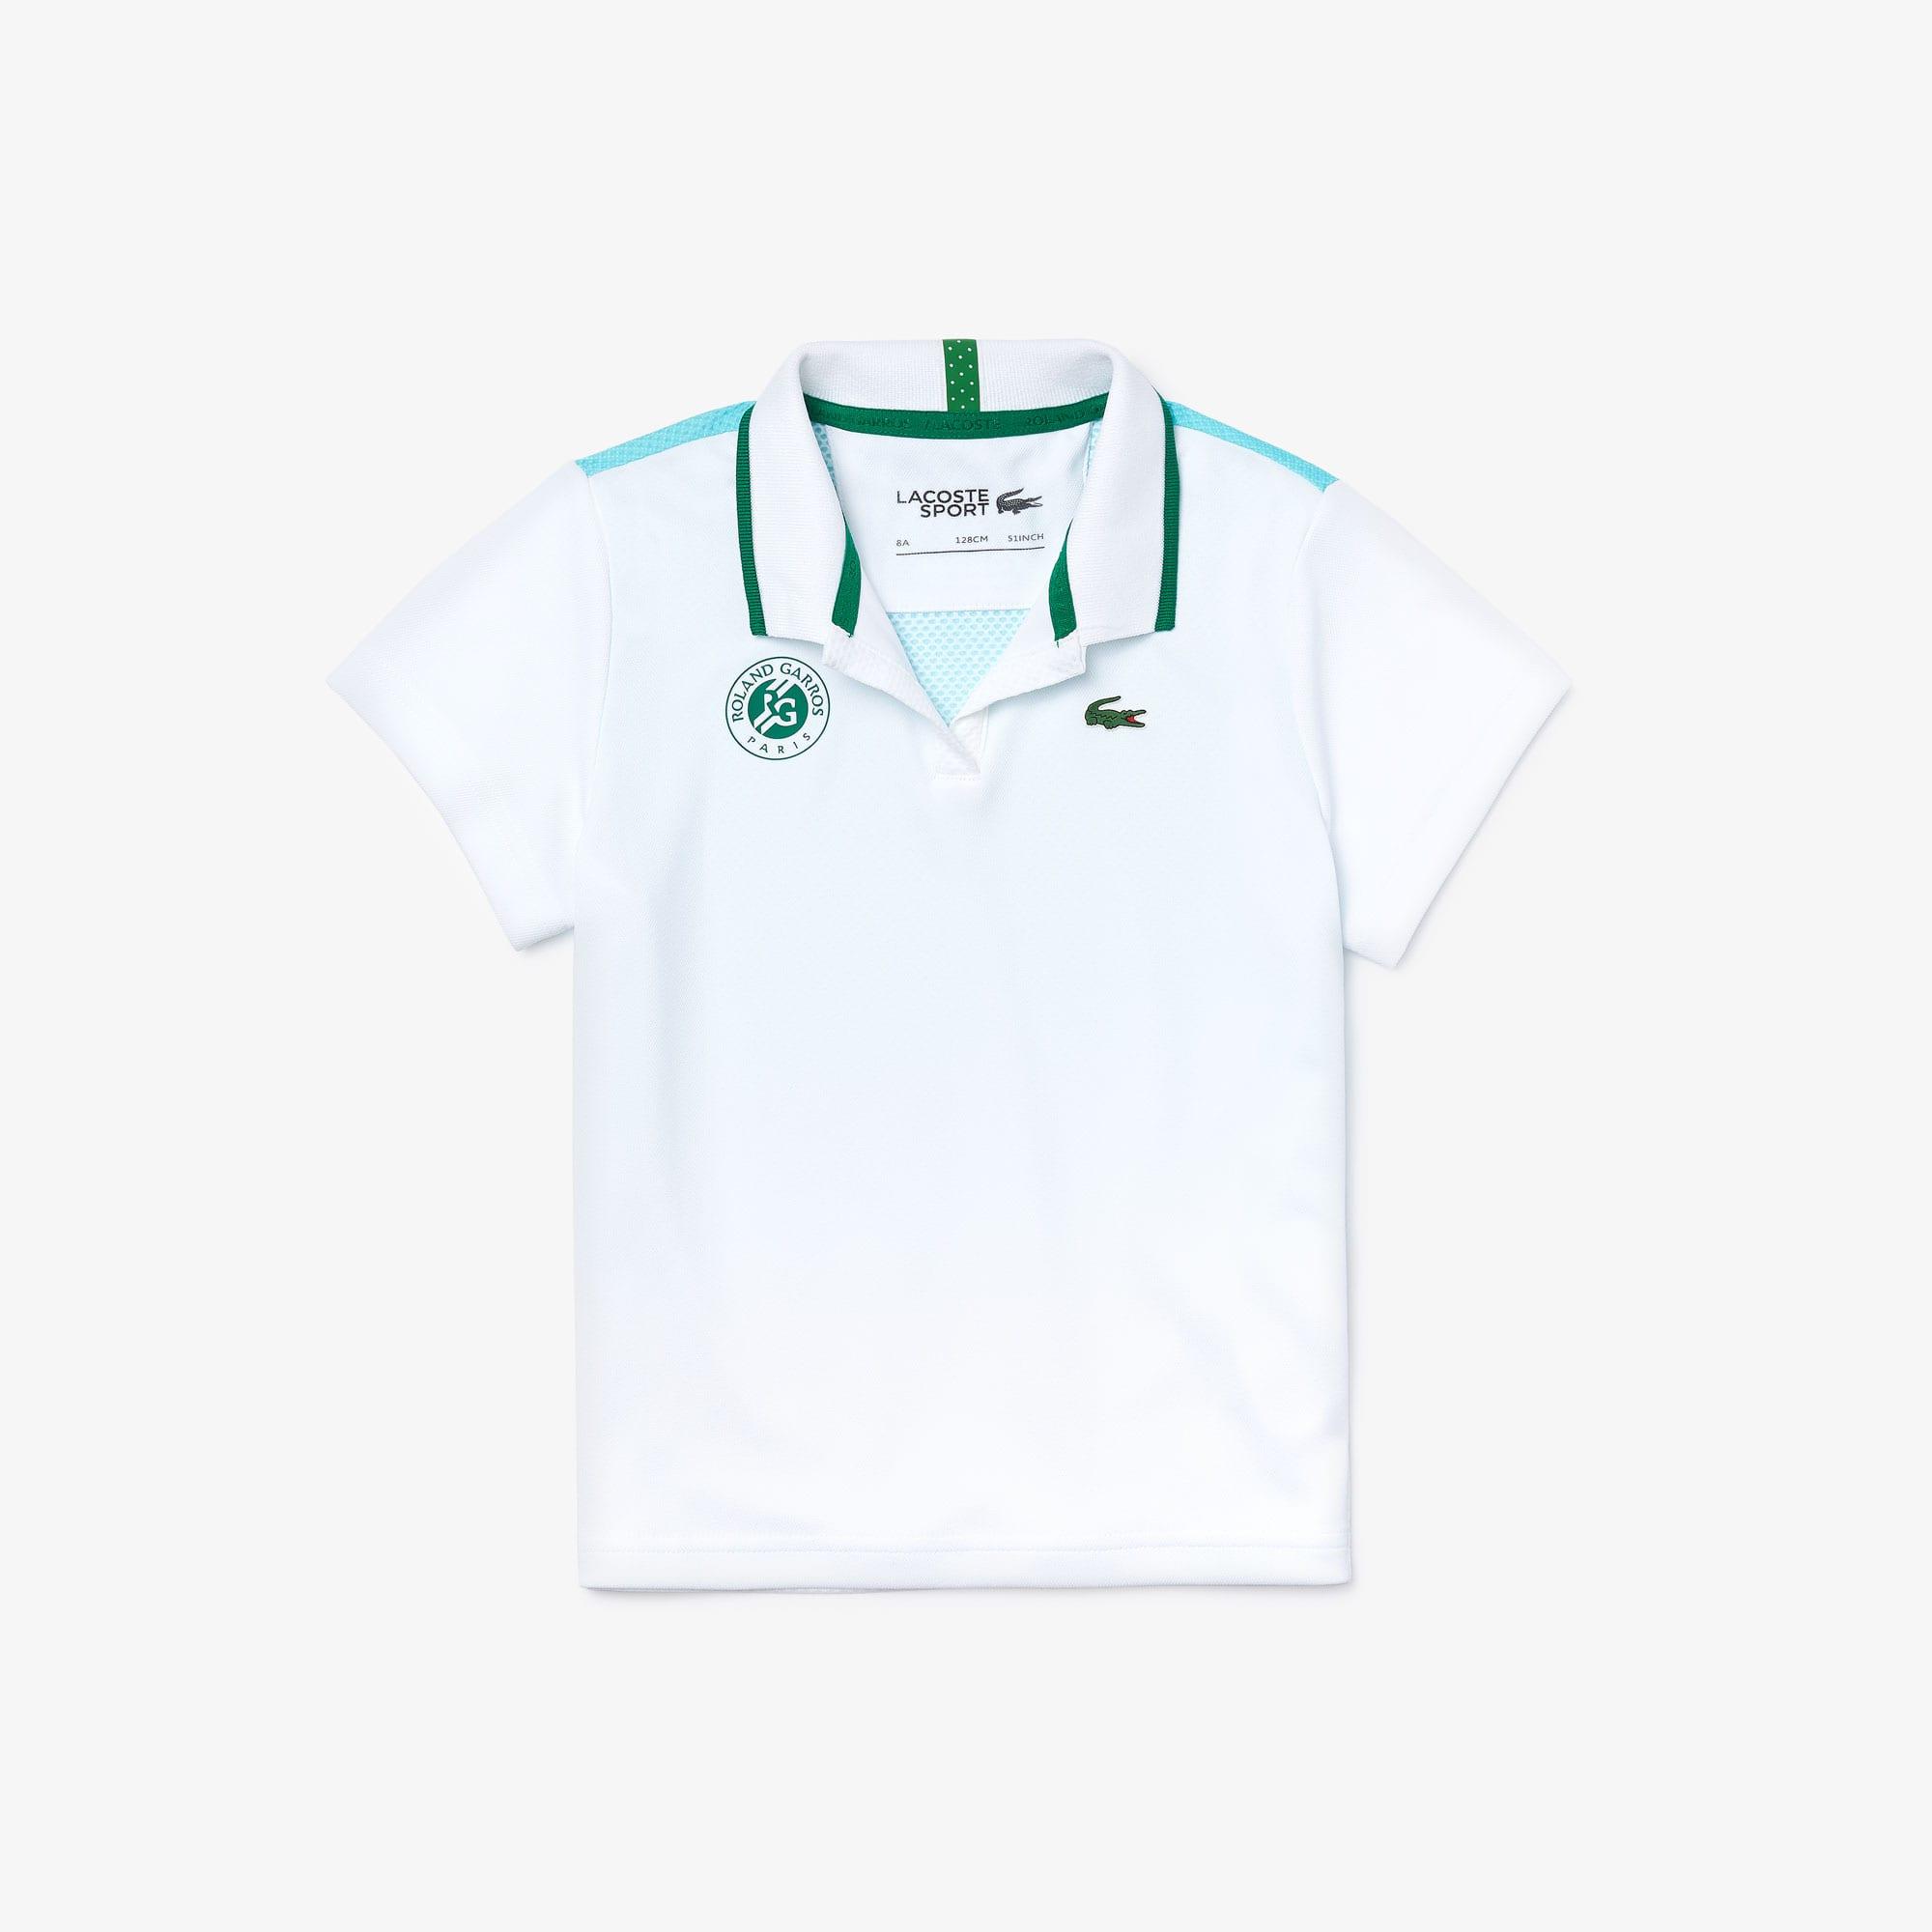 라코스테 걸즈 스포츠 롤랑가로스 폴로 셔츠 Lacoste Girls SPORT Roland Garros V-Neck Polo Shirt,White / Turquoise / Green • YPK